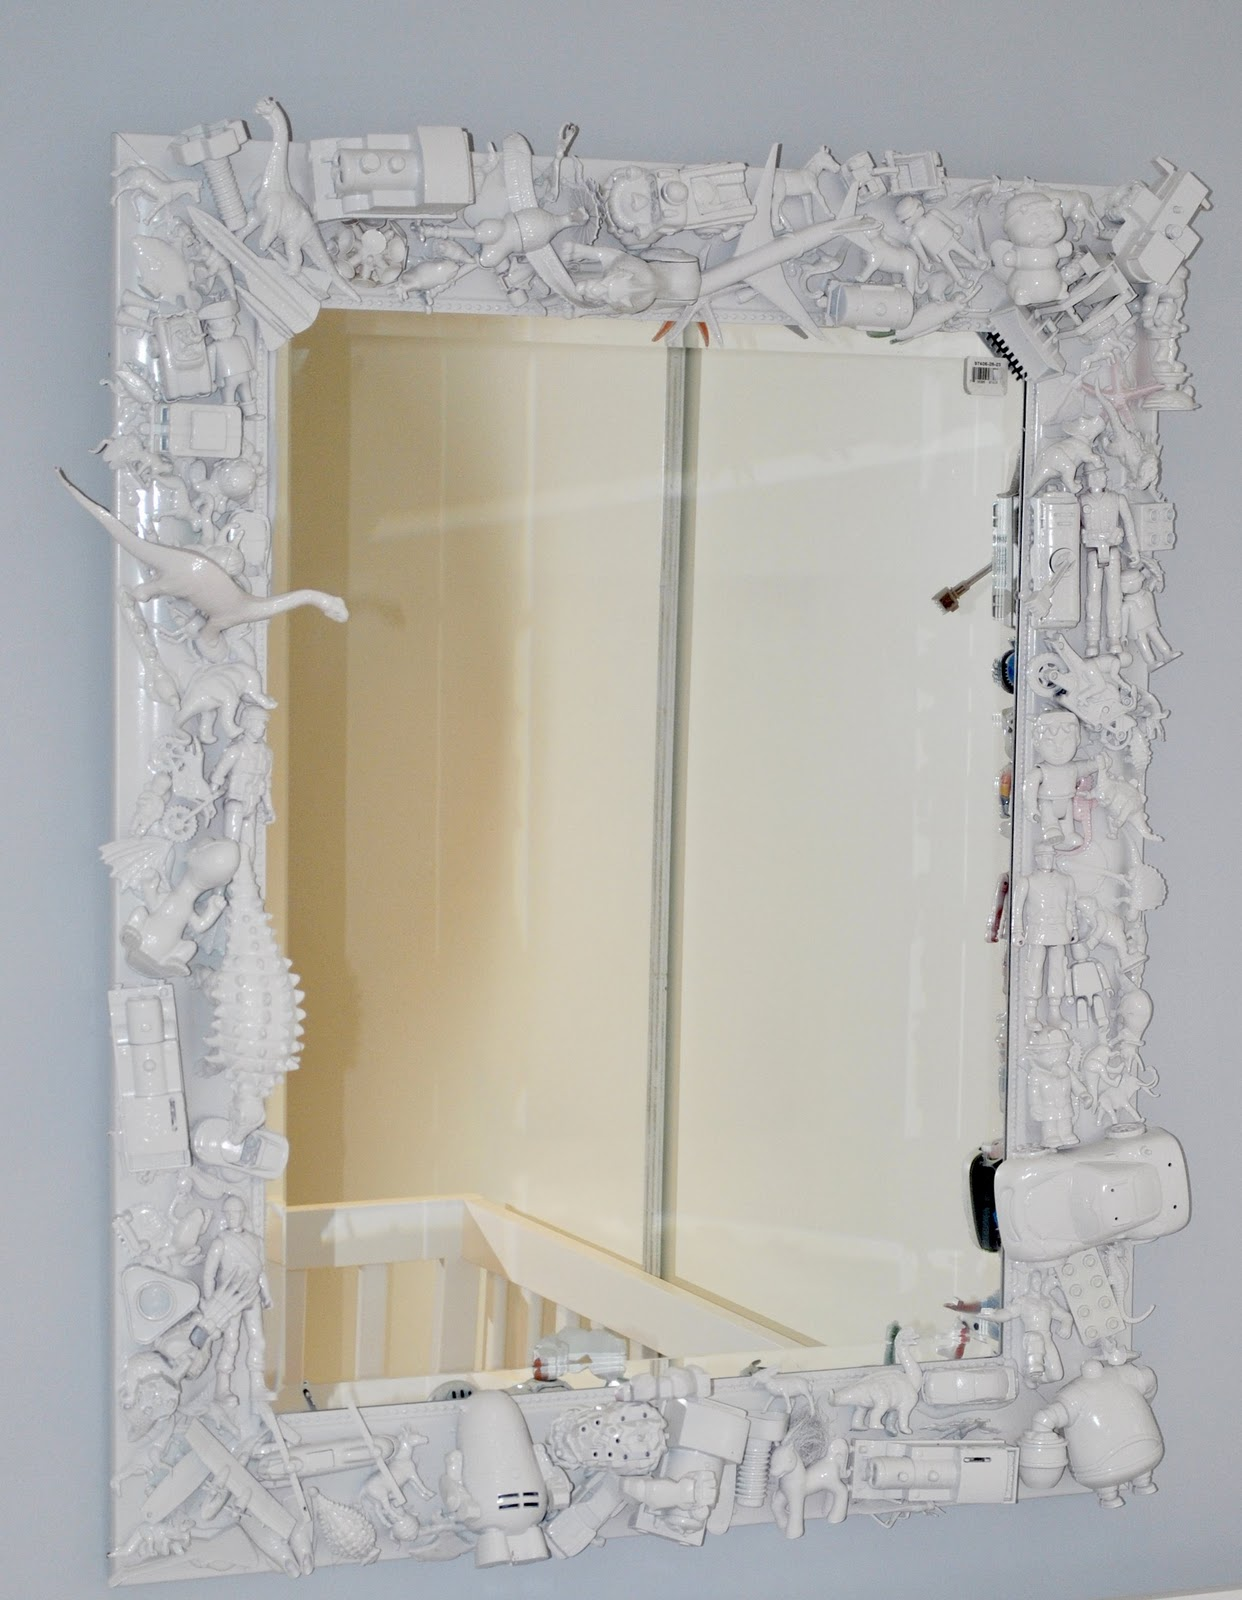 Как сделать большое зеркало в домашних условиях